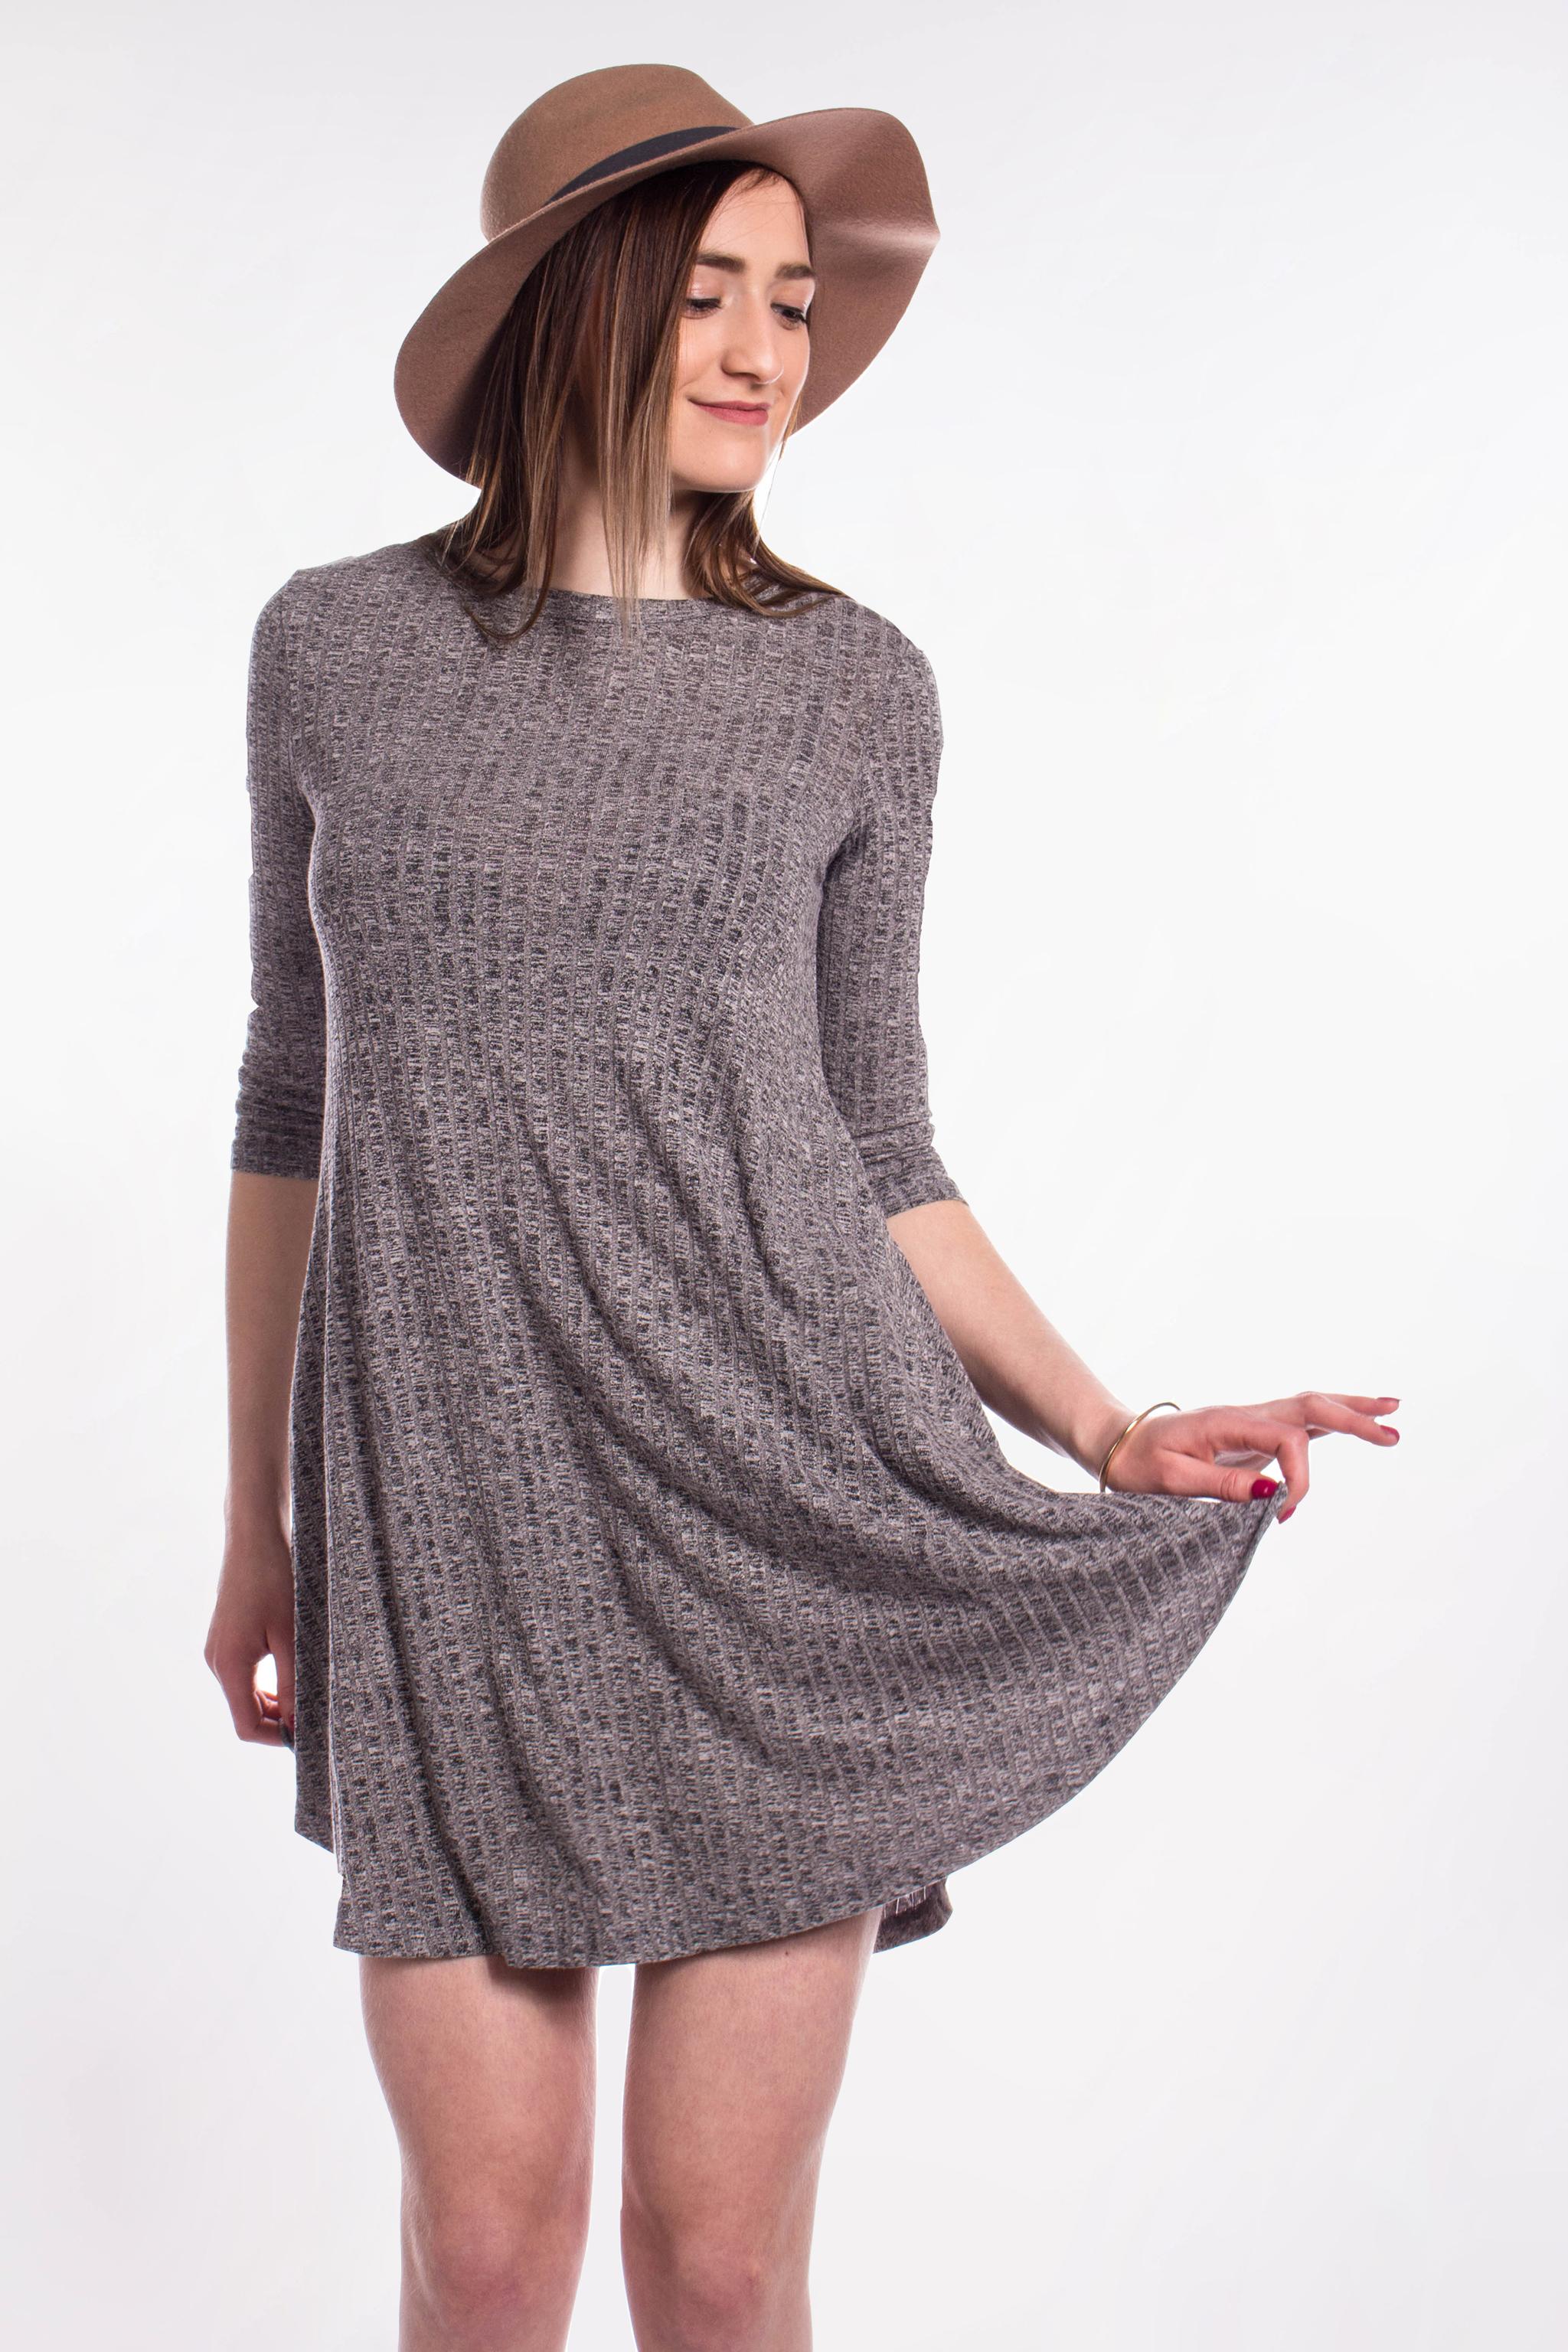 cc32d971fa1b obrázok 1 New Look šedé šaty s vreckami